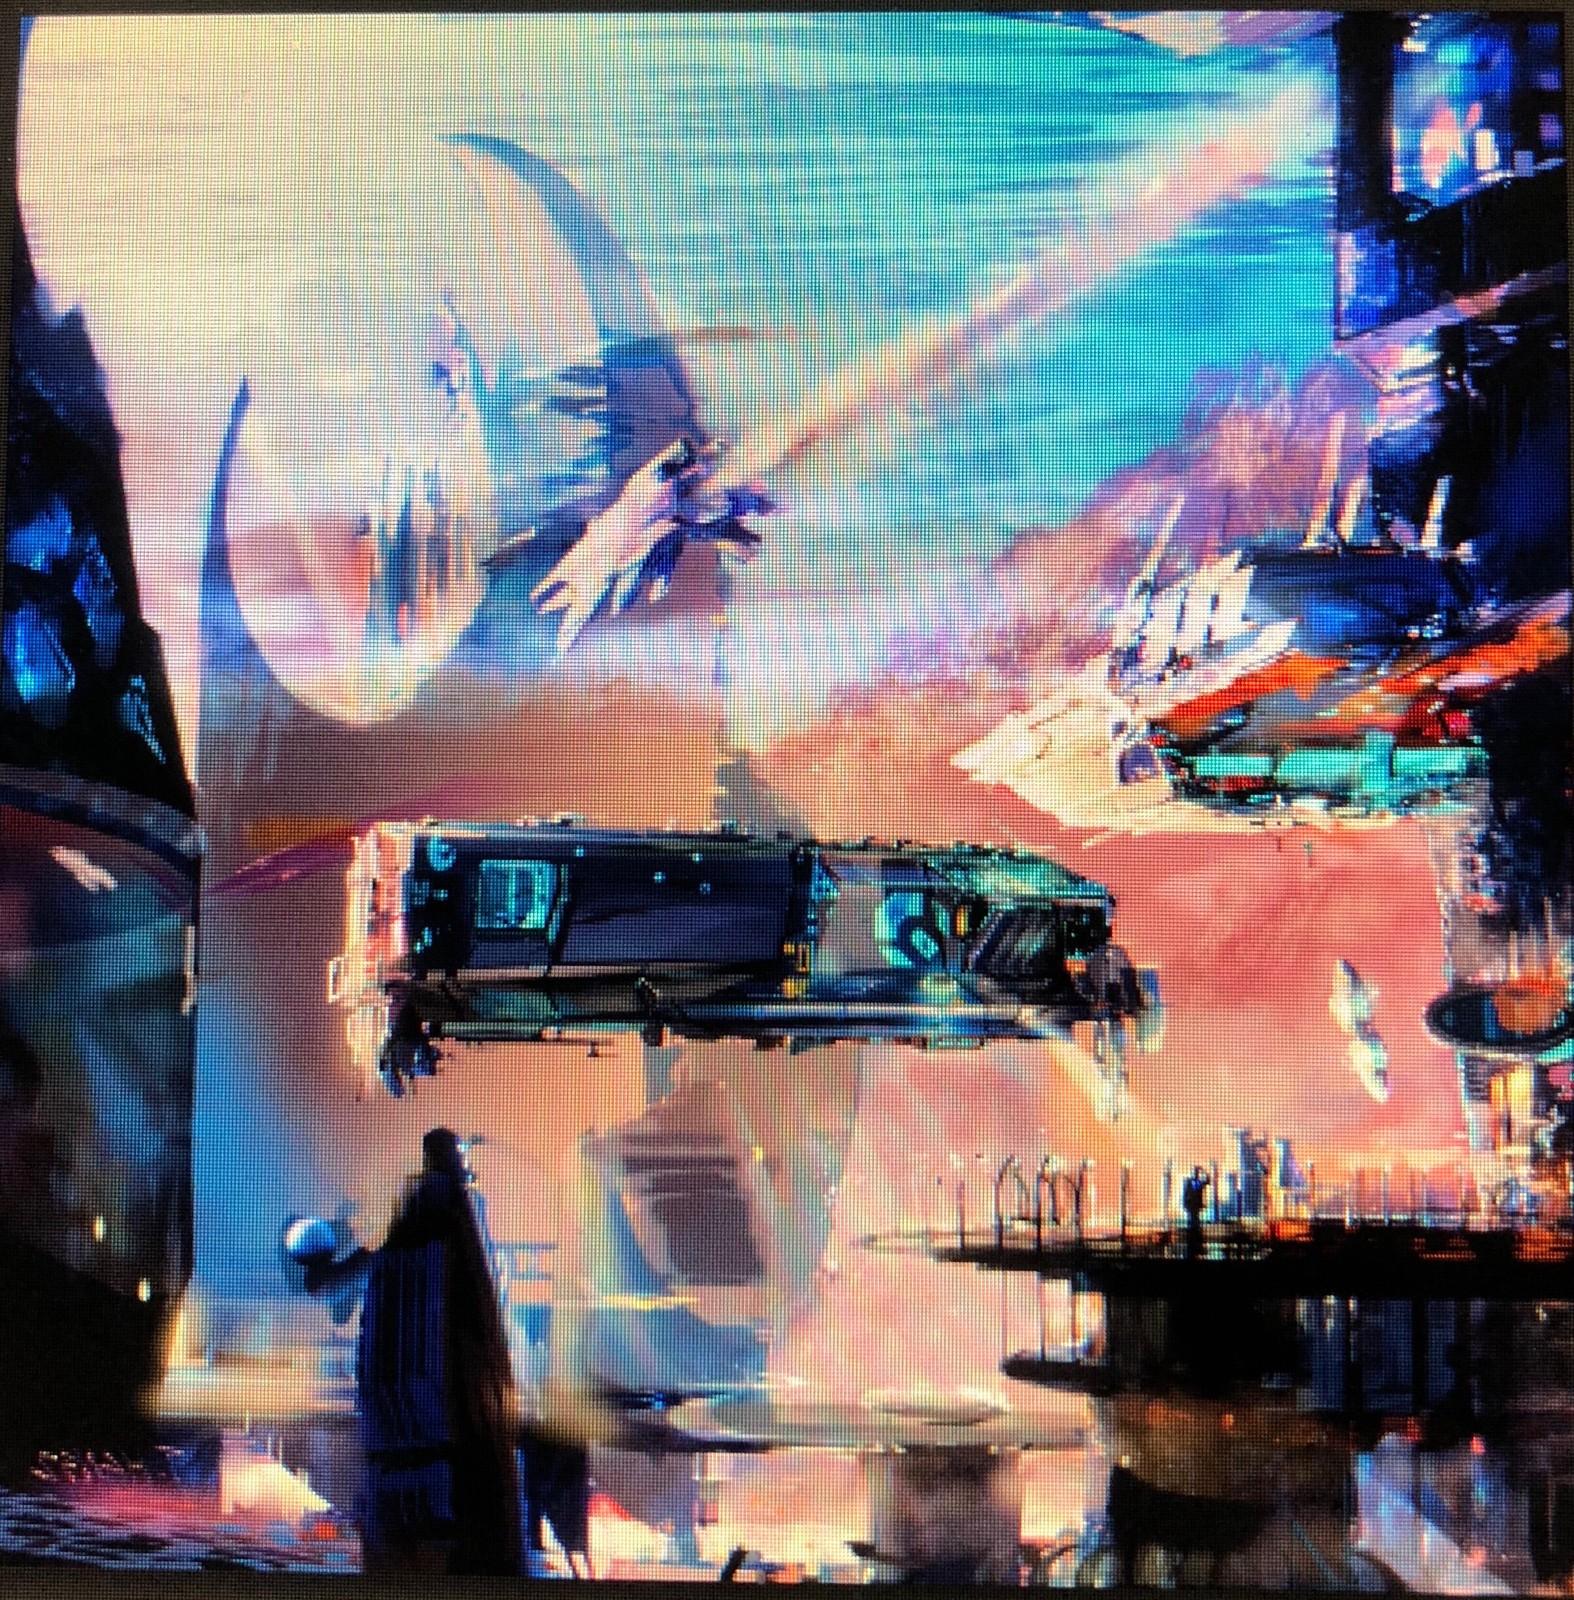 Hot environmental painting.